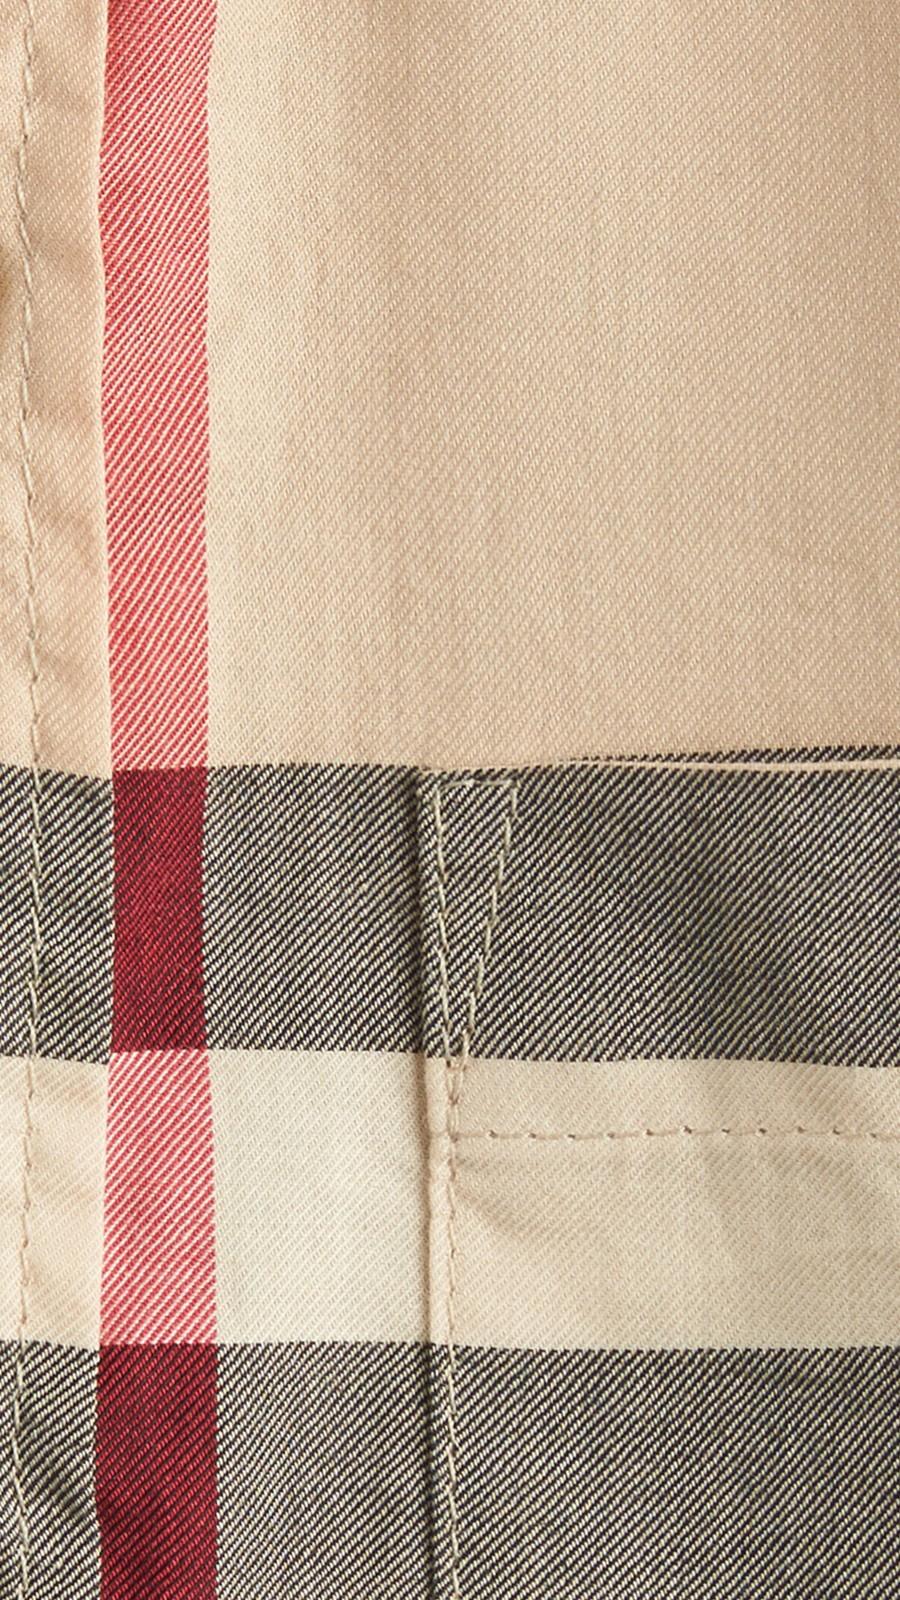 Nouveau check classique Chemise en sergé de coton à manches courtes avec motif check Nouveau  Classique - Image 2